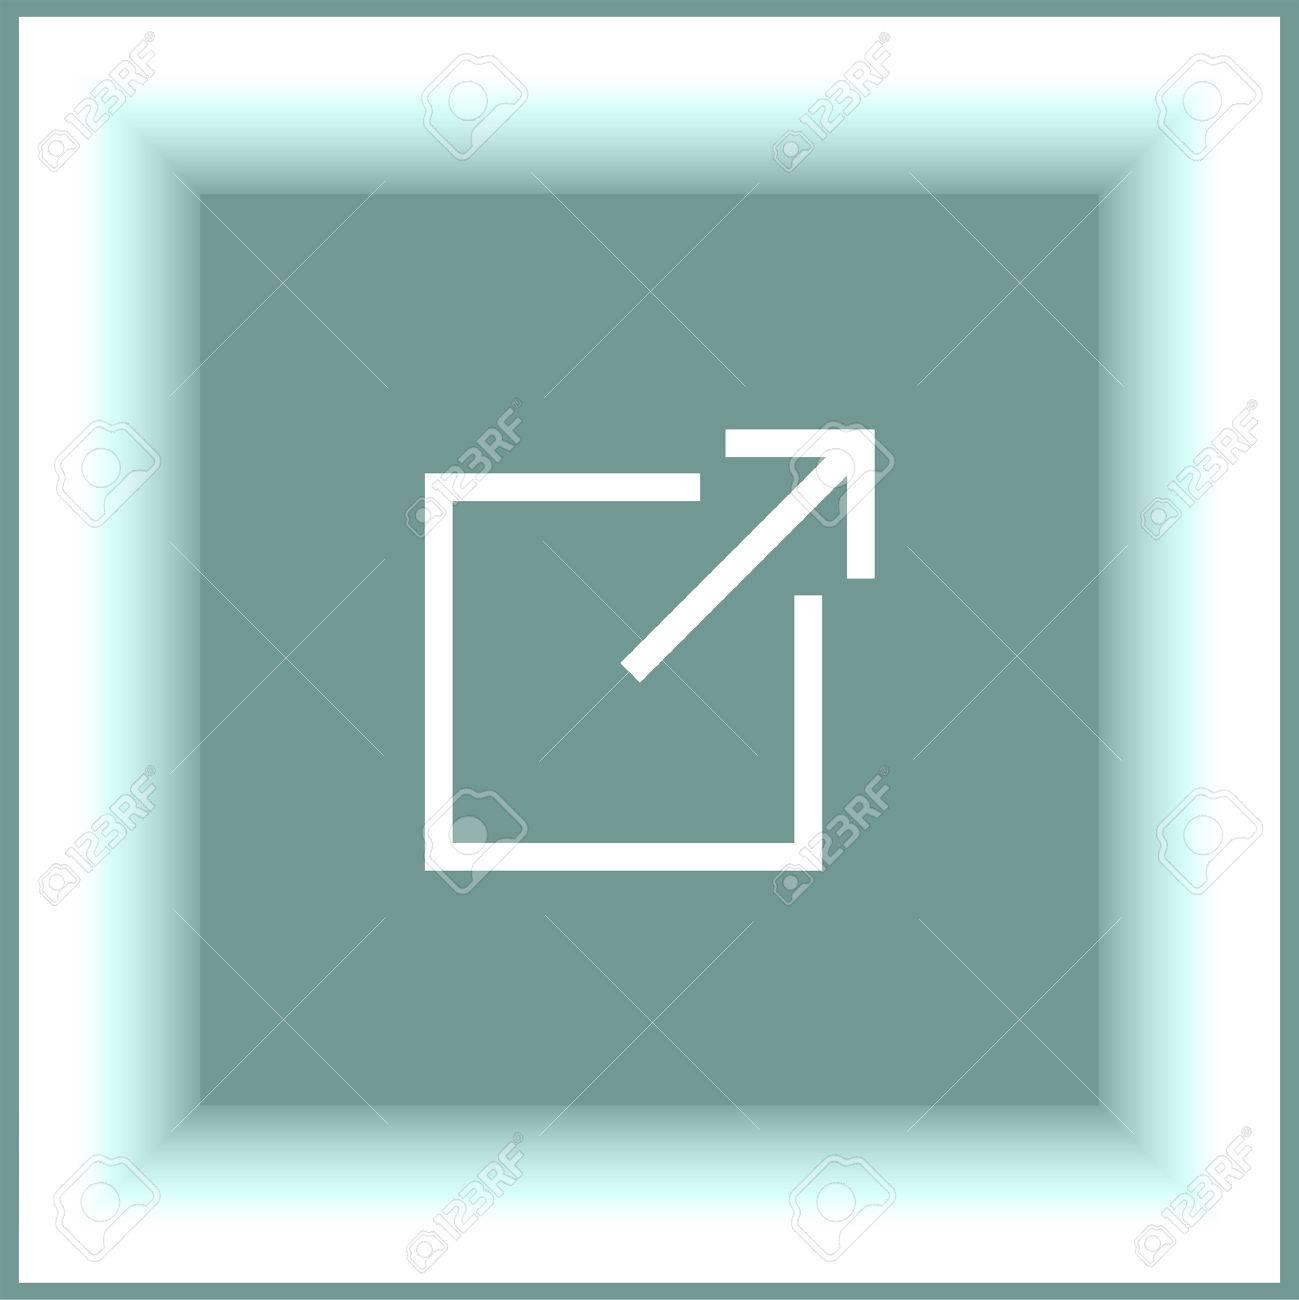 Neues Fenster Zeichen Linie Vektor-Symbol. Öffnen Sie Ein Anderes ...